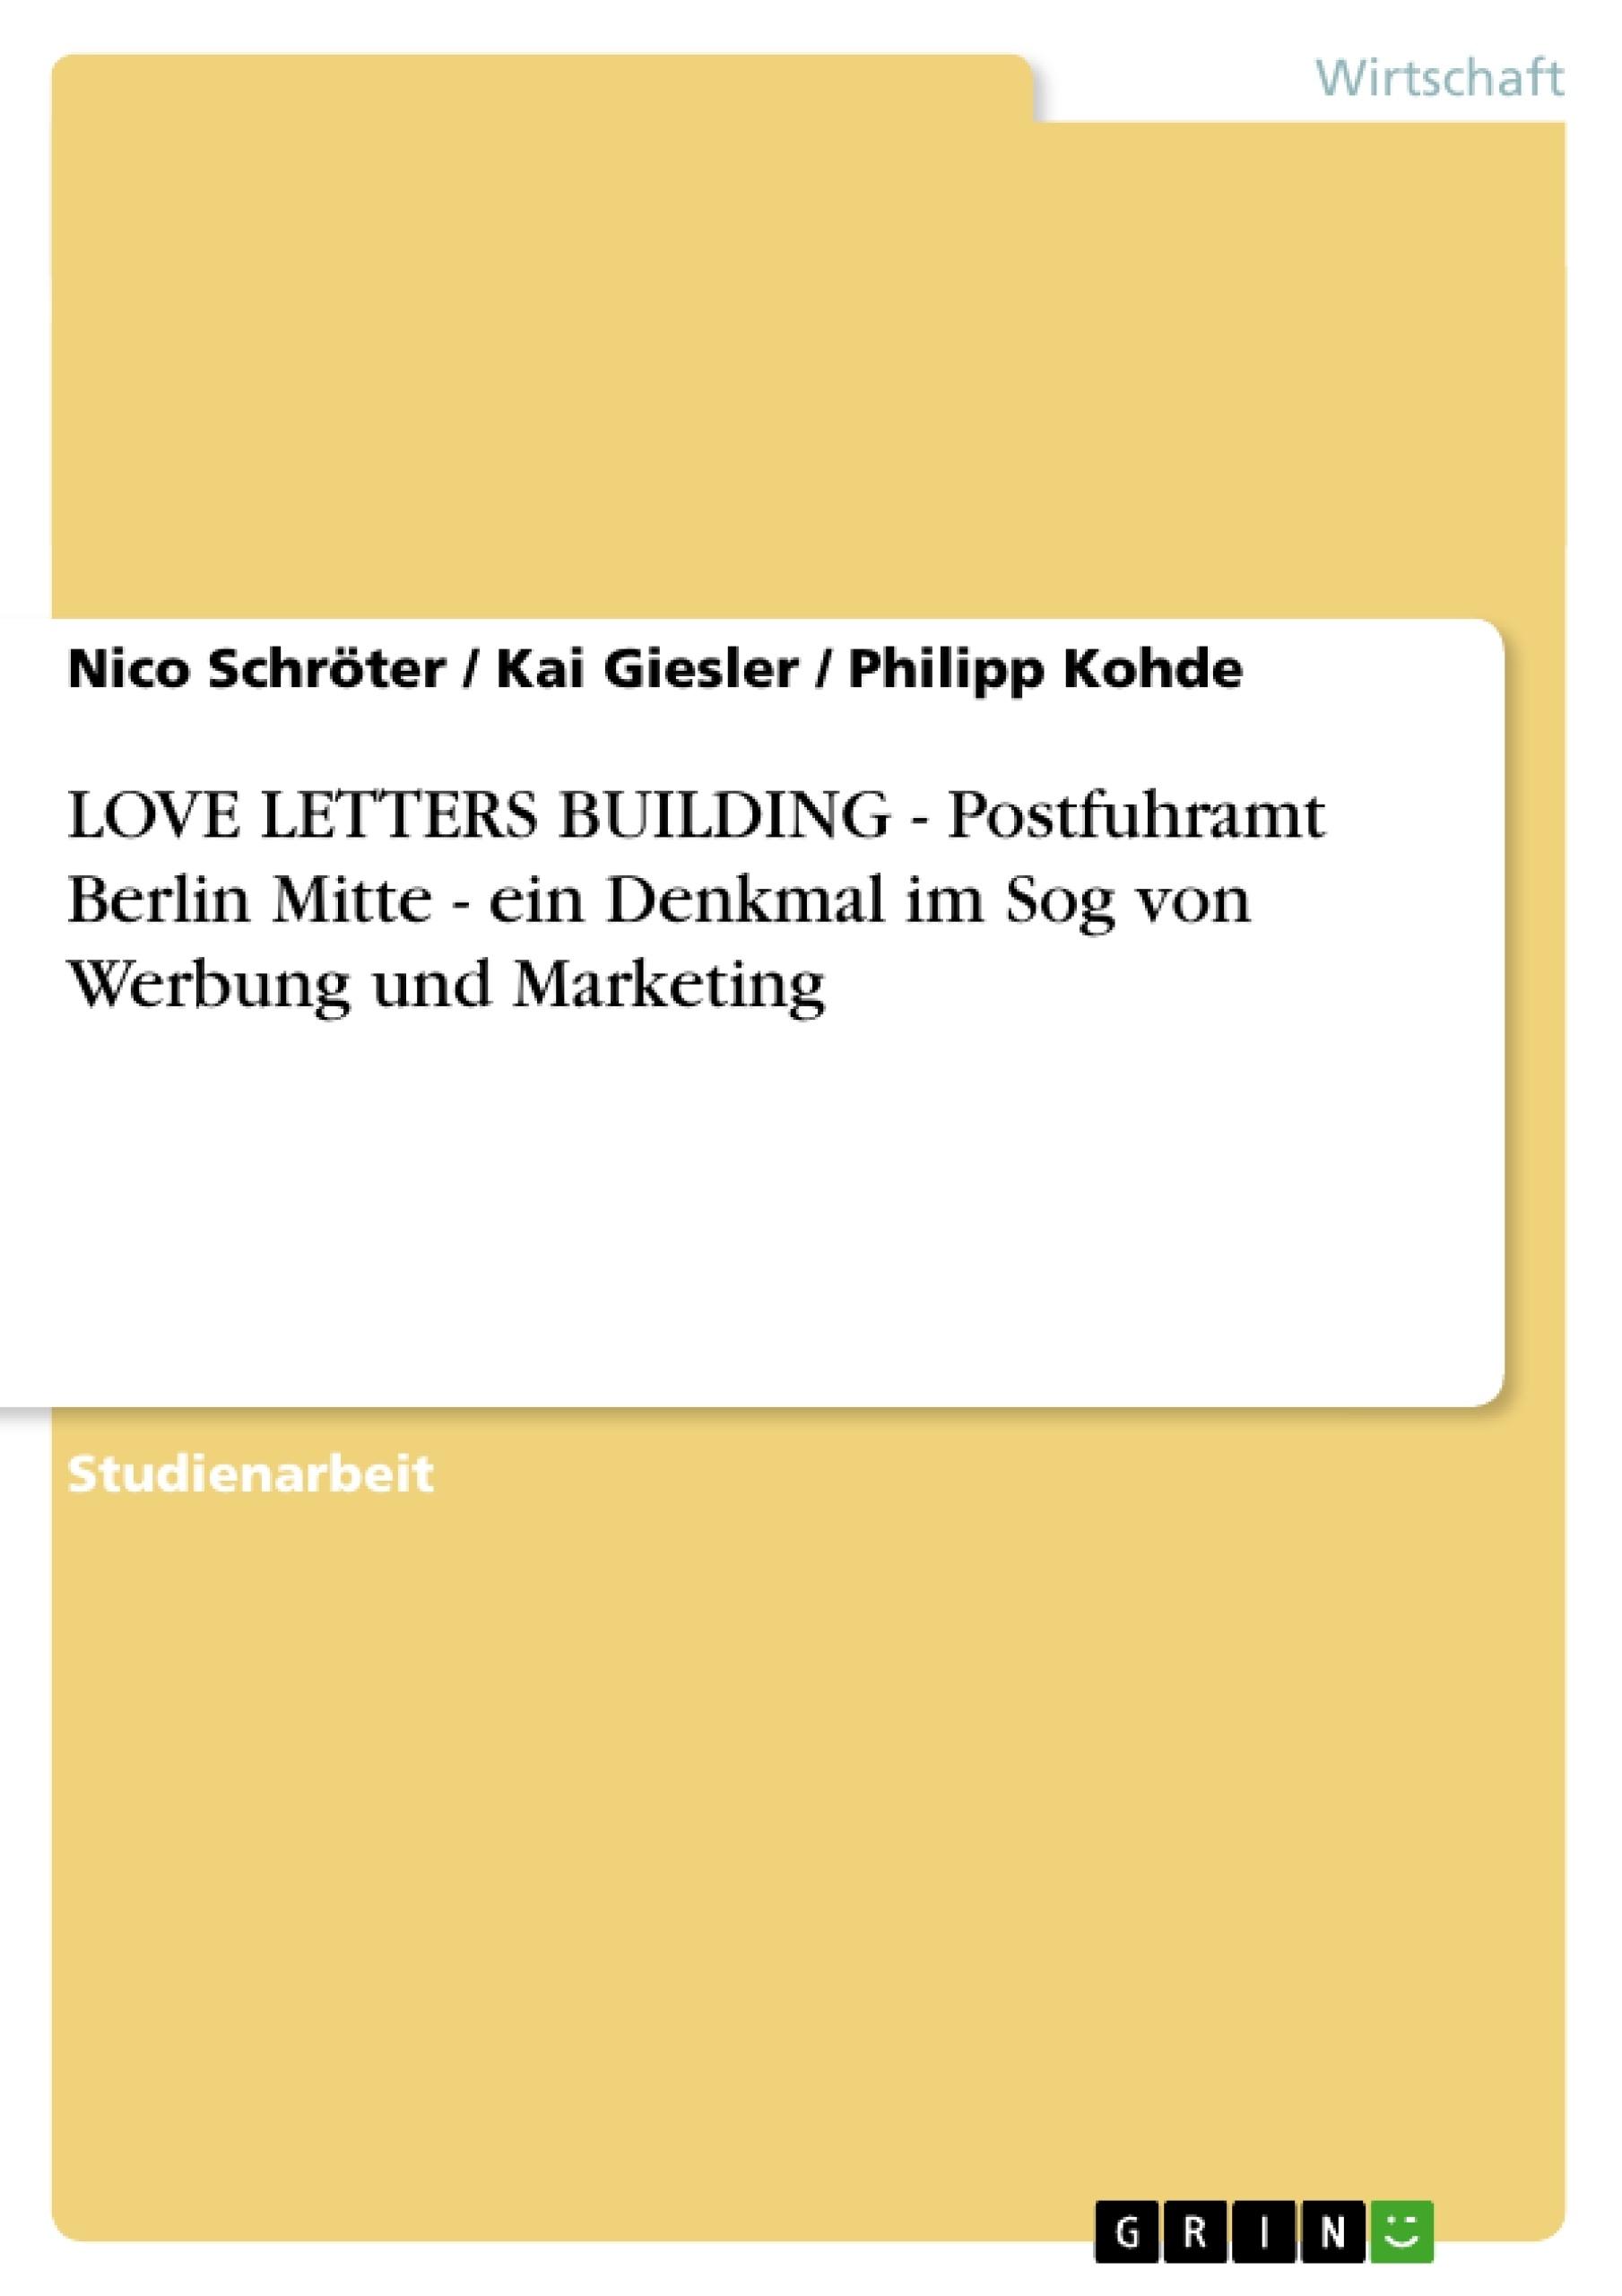 Titel: LOVE LETTERS BUILDING - Postfuhramt Berlin Mitte - ein Denkmal im Sog von Werbung und Marketing